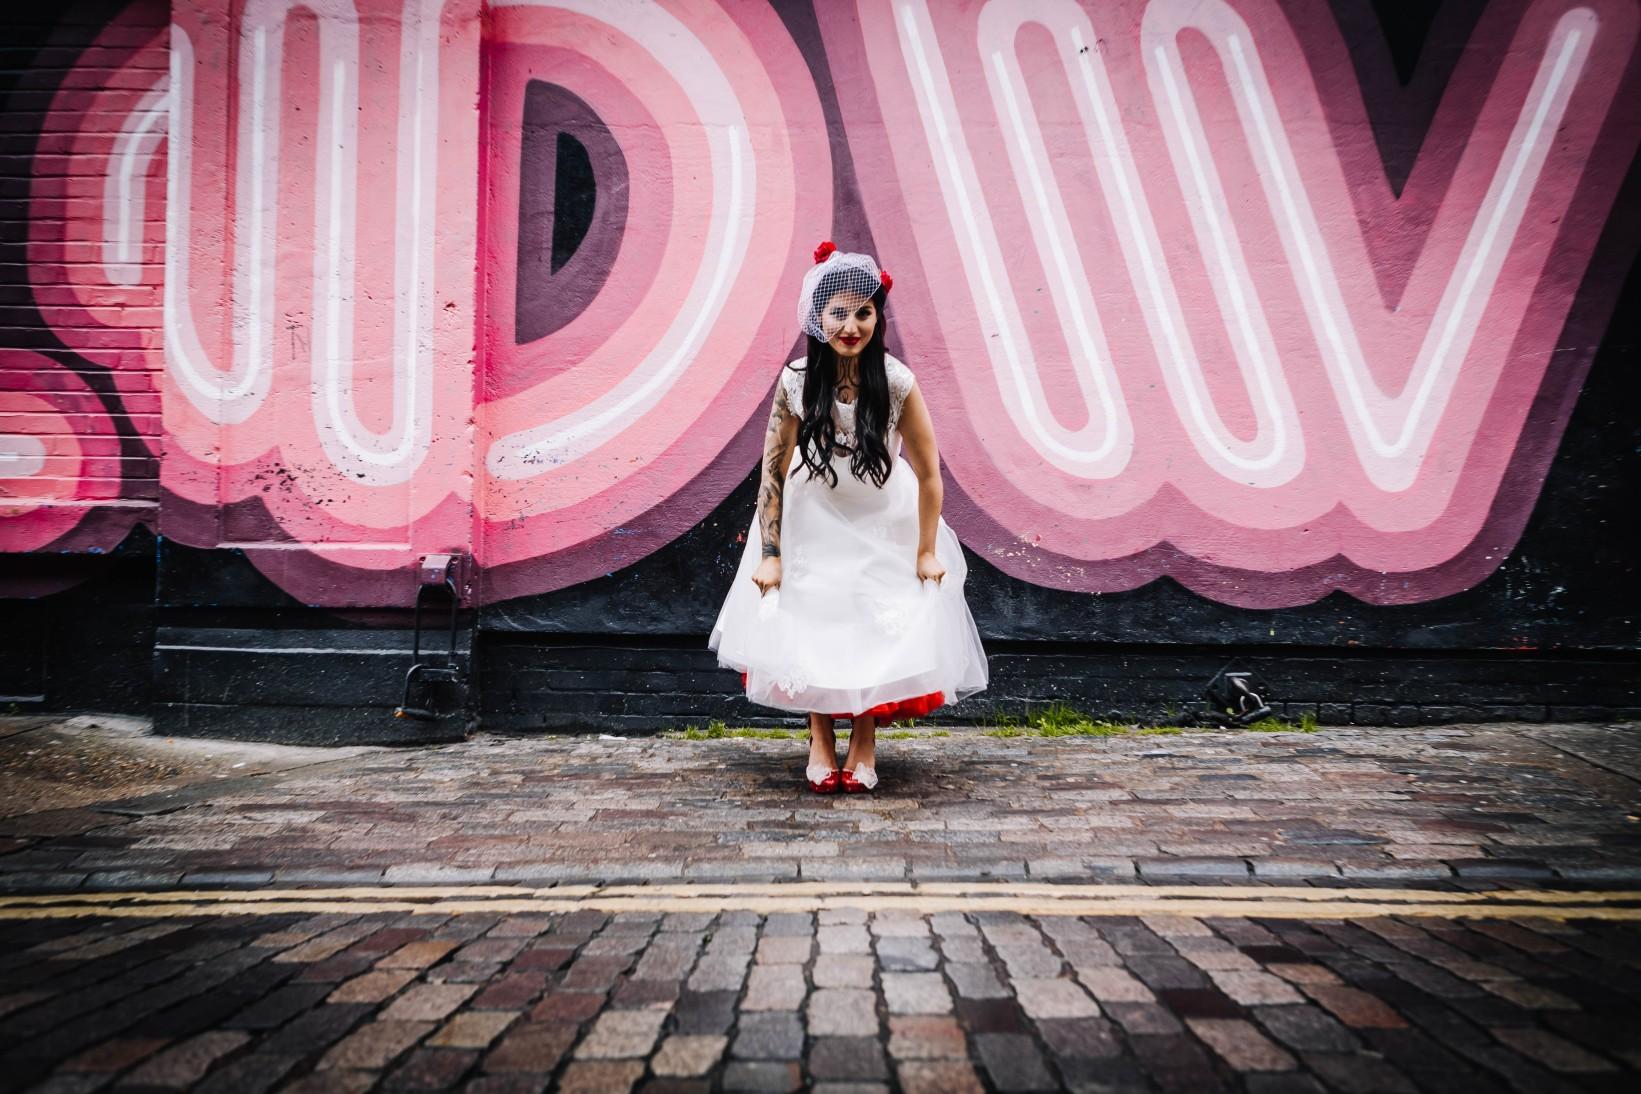 urban rockabilly wedding - east london wedding- urban wedding- rockabilly wedding- edgy wedding - retro wedding - alternative wedding- unconventional wedding- unique bridalwear- alternative wedding dress- retro wedding dress